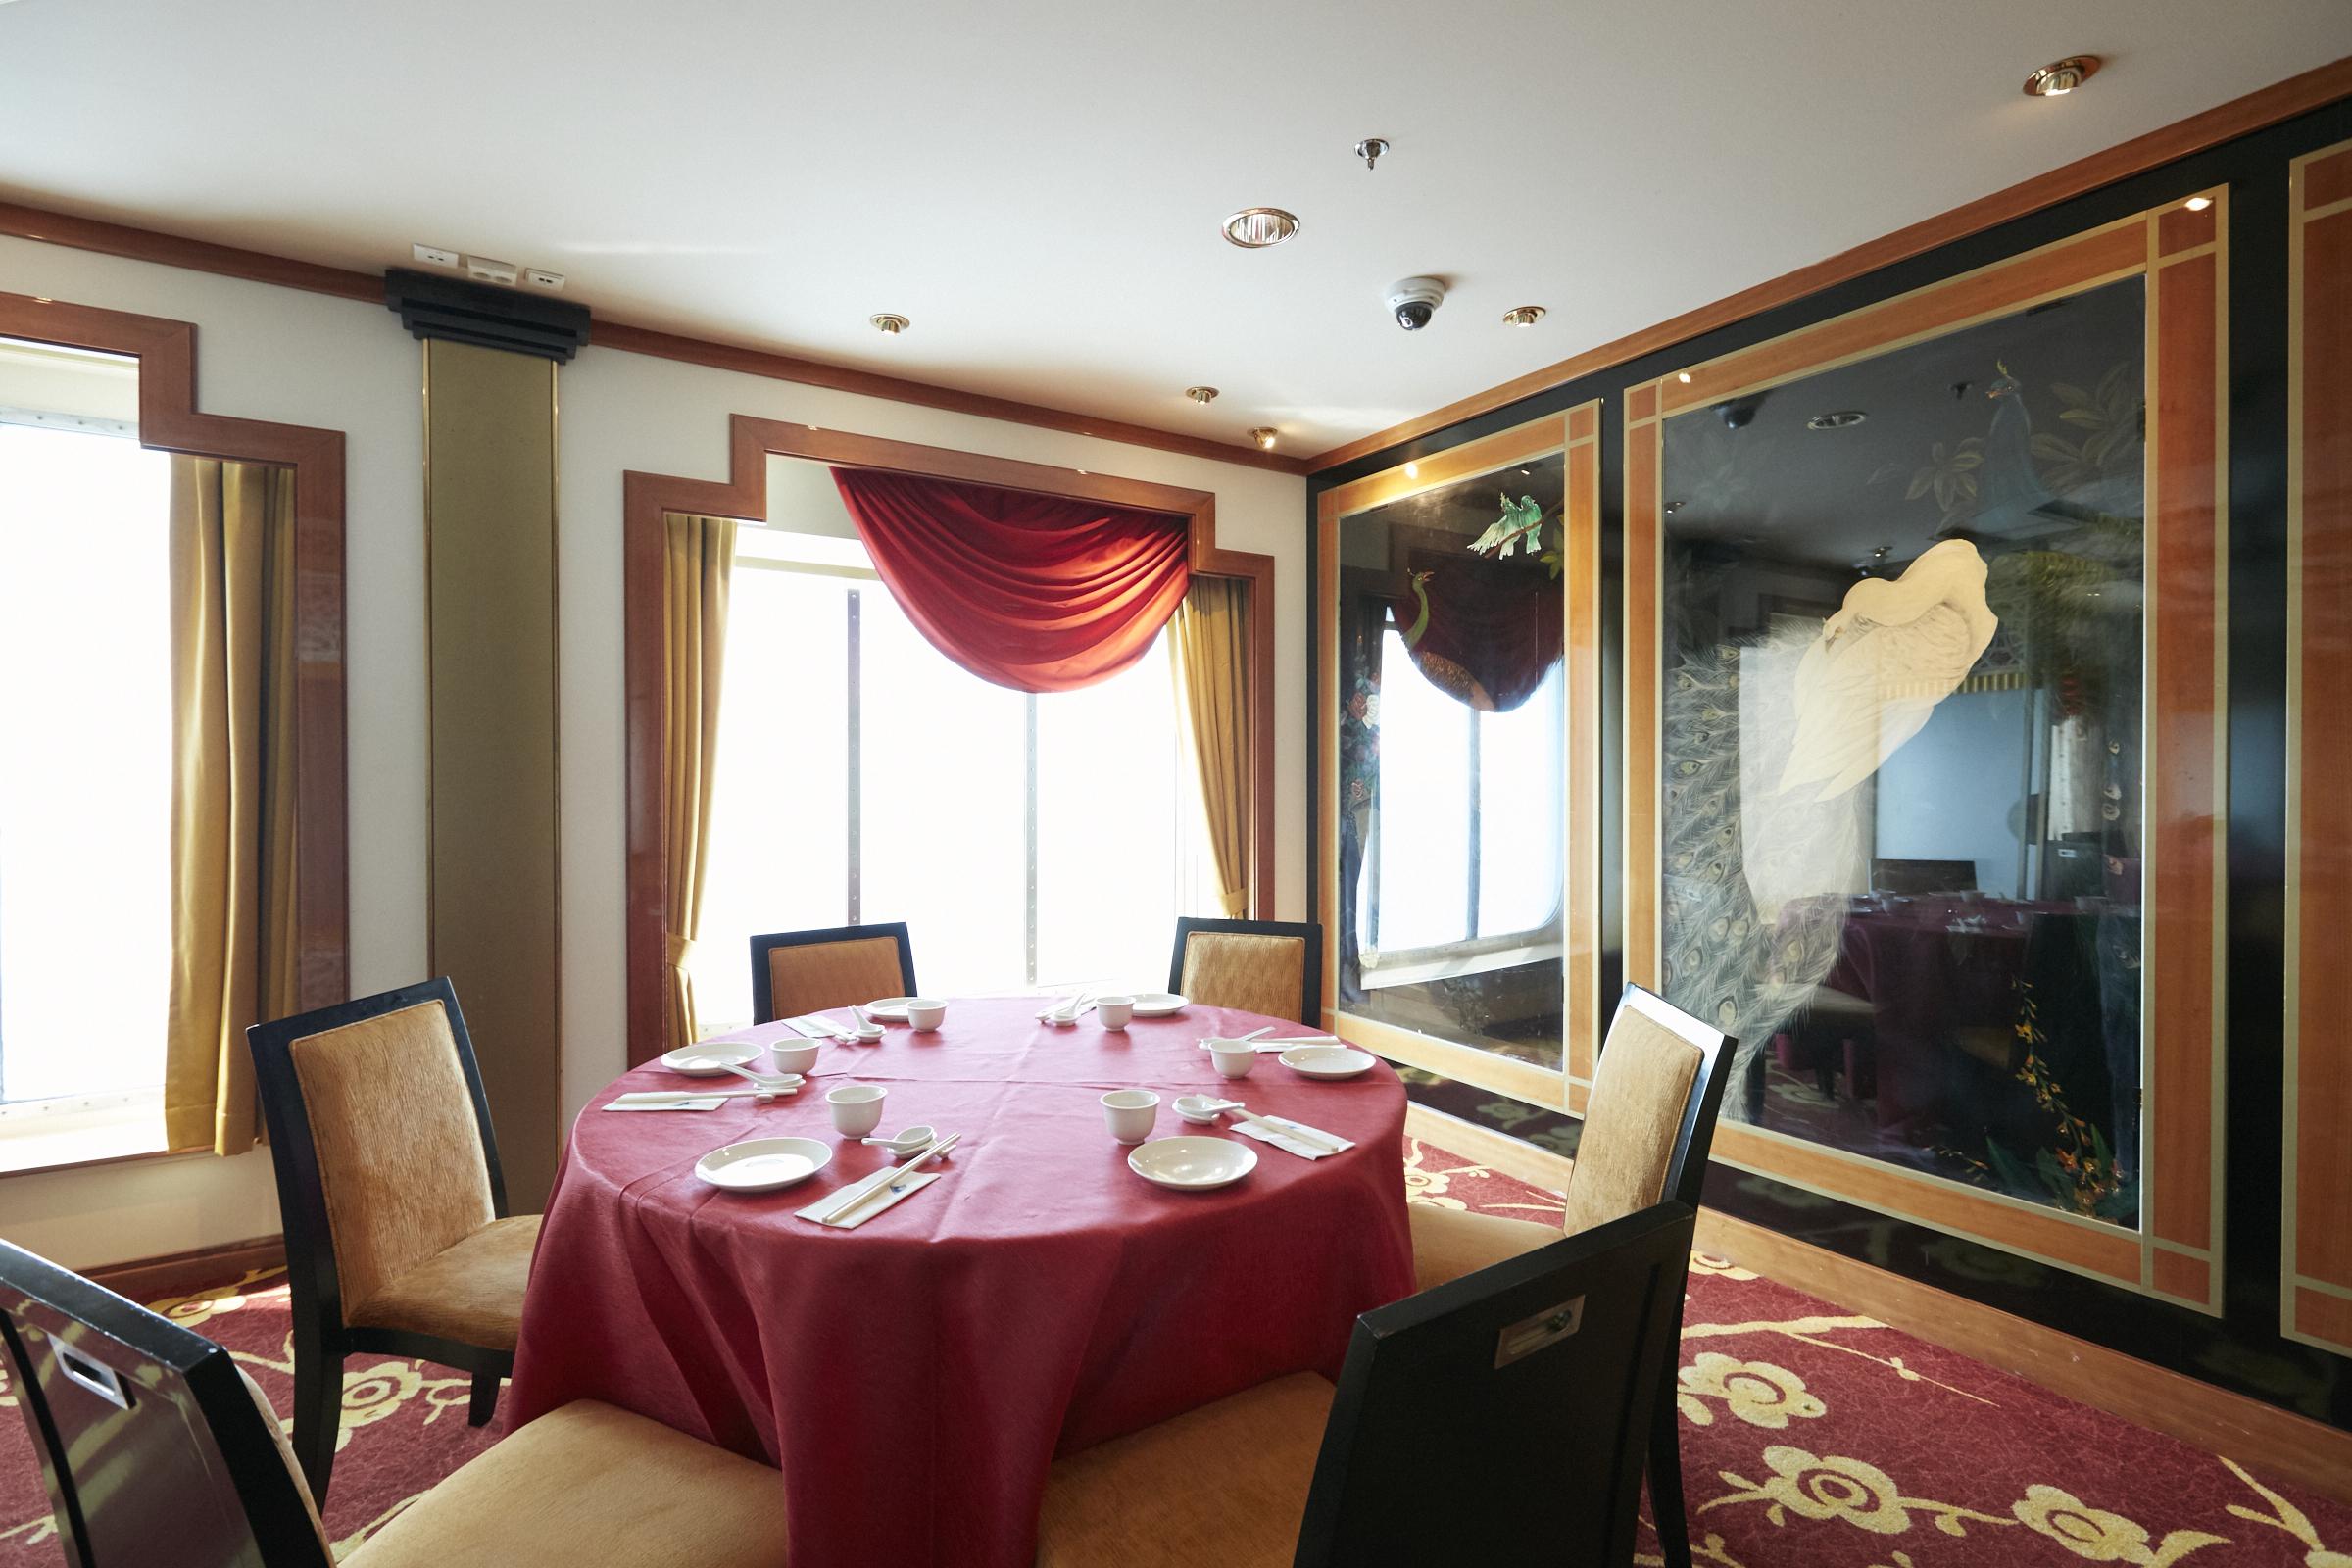 セミブッフェスタイルの無料中華料理レストラン「パビリオン」